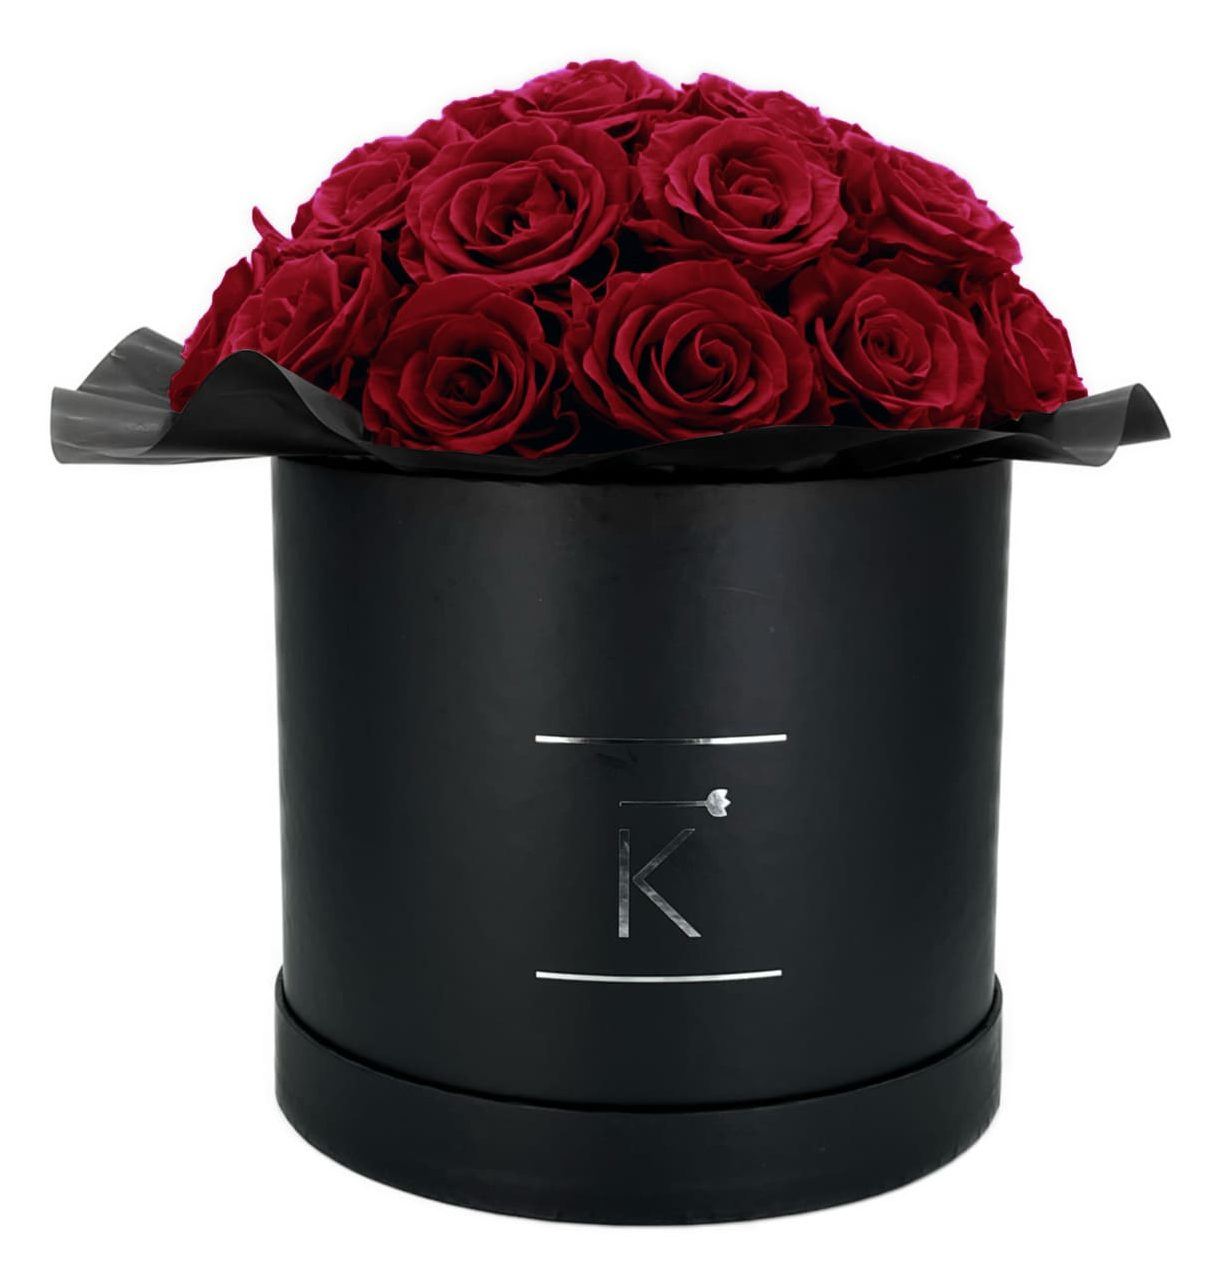 Gorgeous Rosenbox schwarz, dunkelrote Rosen, Ansicht von vorne